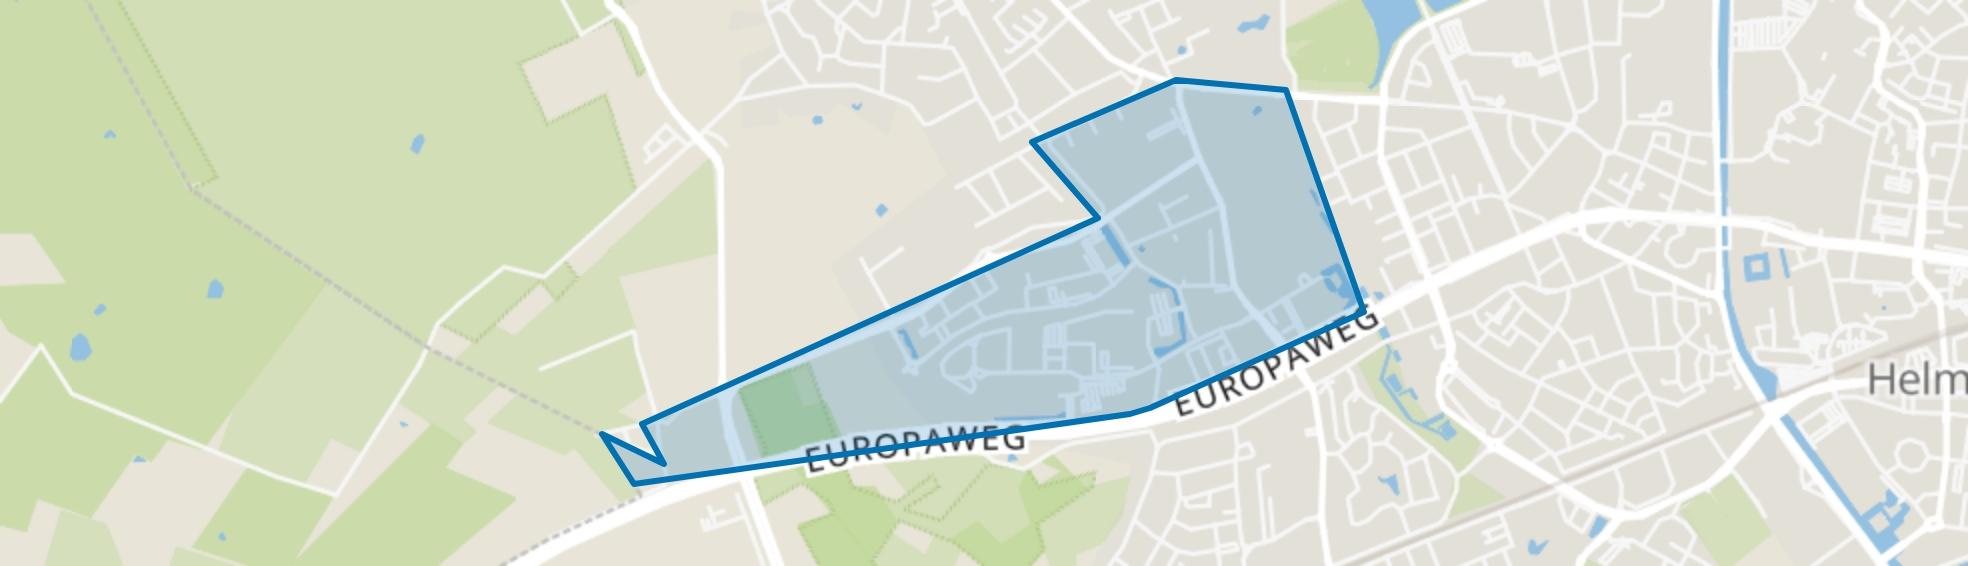 Schooten, Helmond map